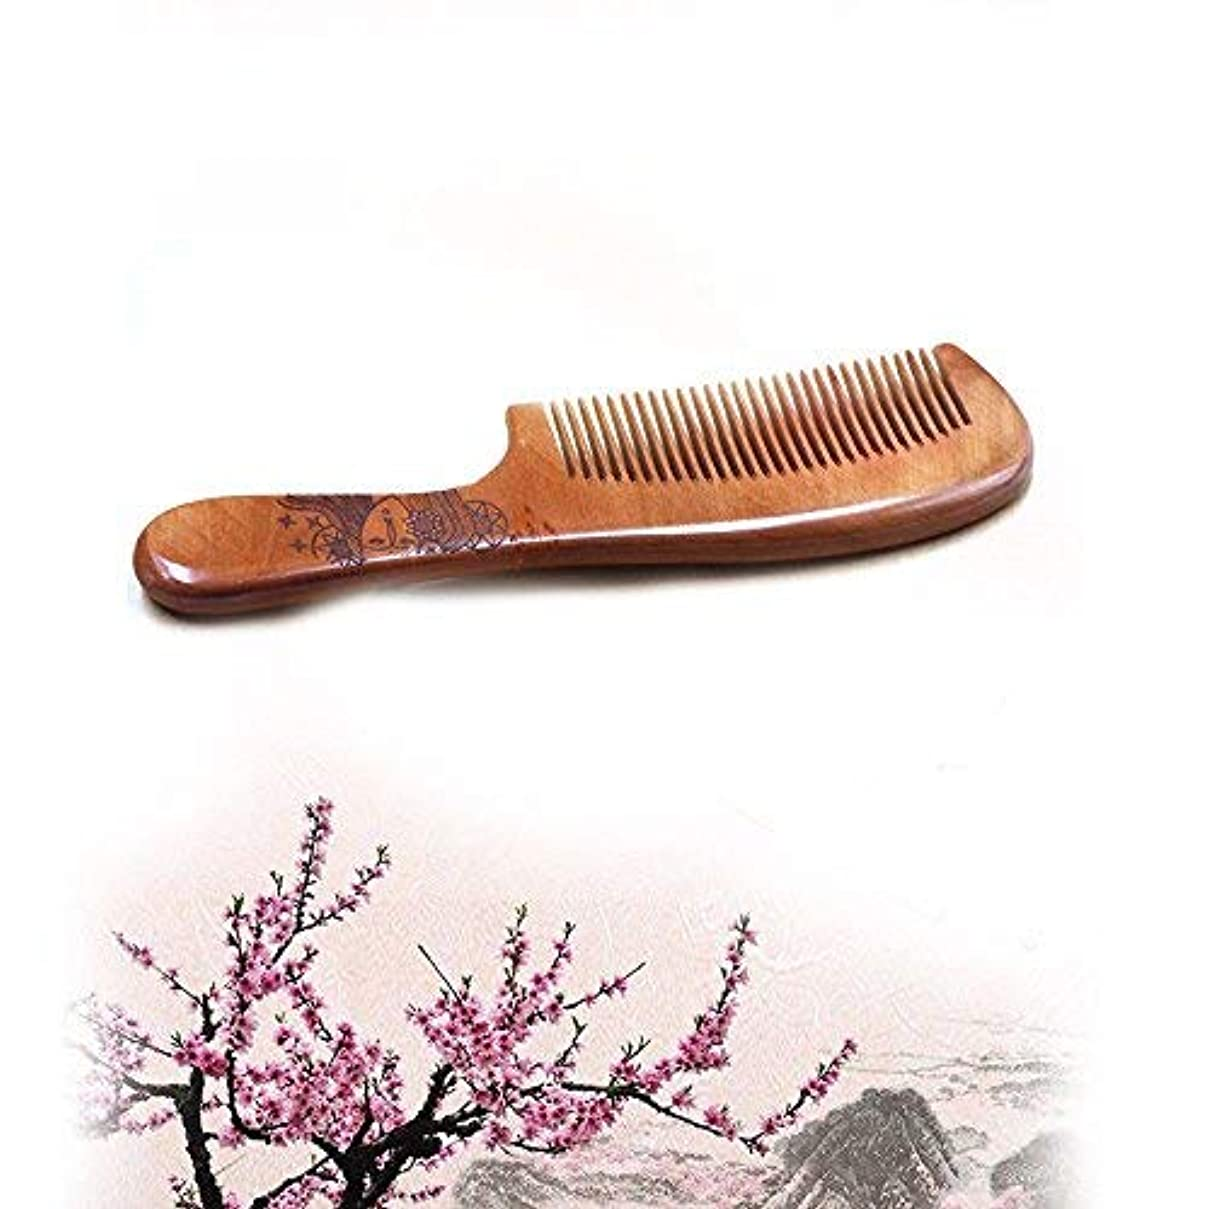 スリチンモイ悲惨生命体Universal Natural Hair Comb,Victory Detangling Wooden Combs No Static Peach Wood for Men,Women and Kids (long)...